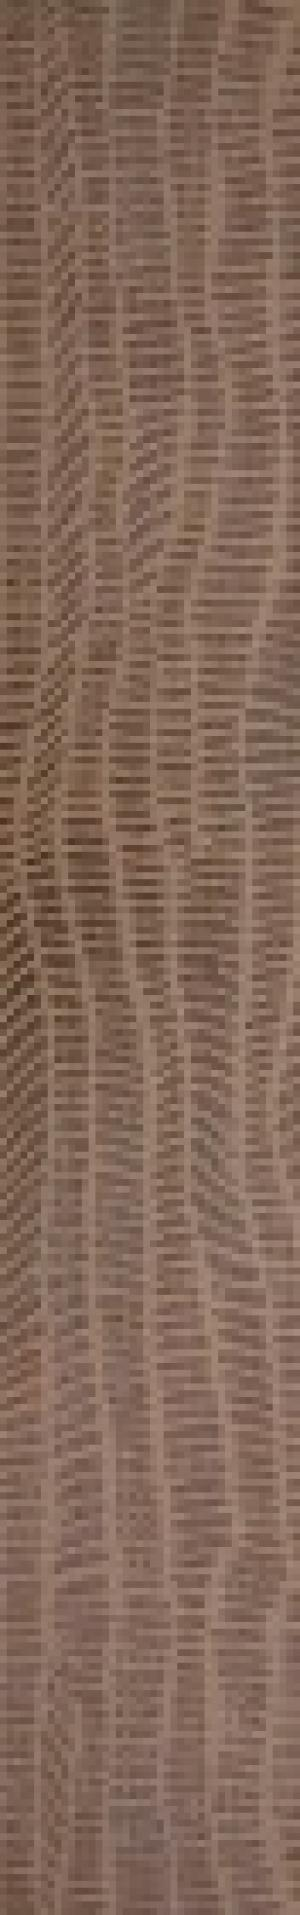 Dlaždica-bordura 60x9,3 Rako Defile DDRST362 béžová